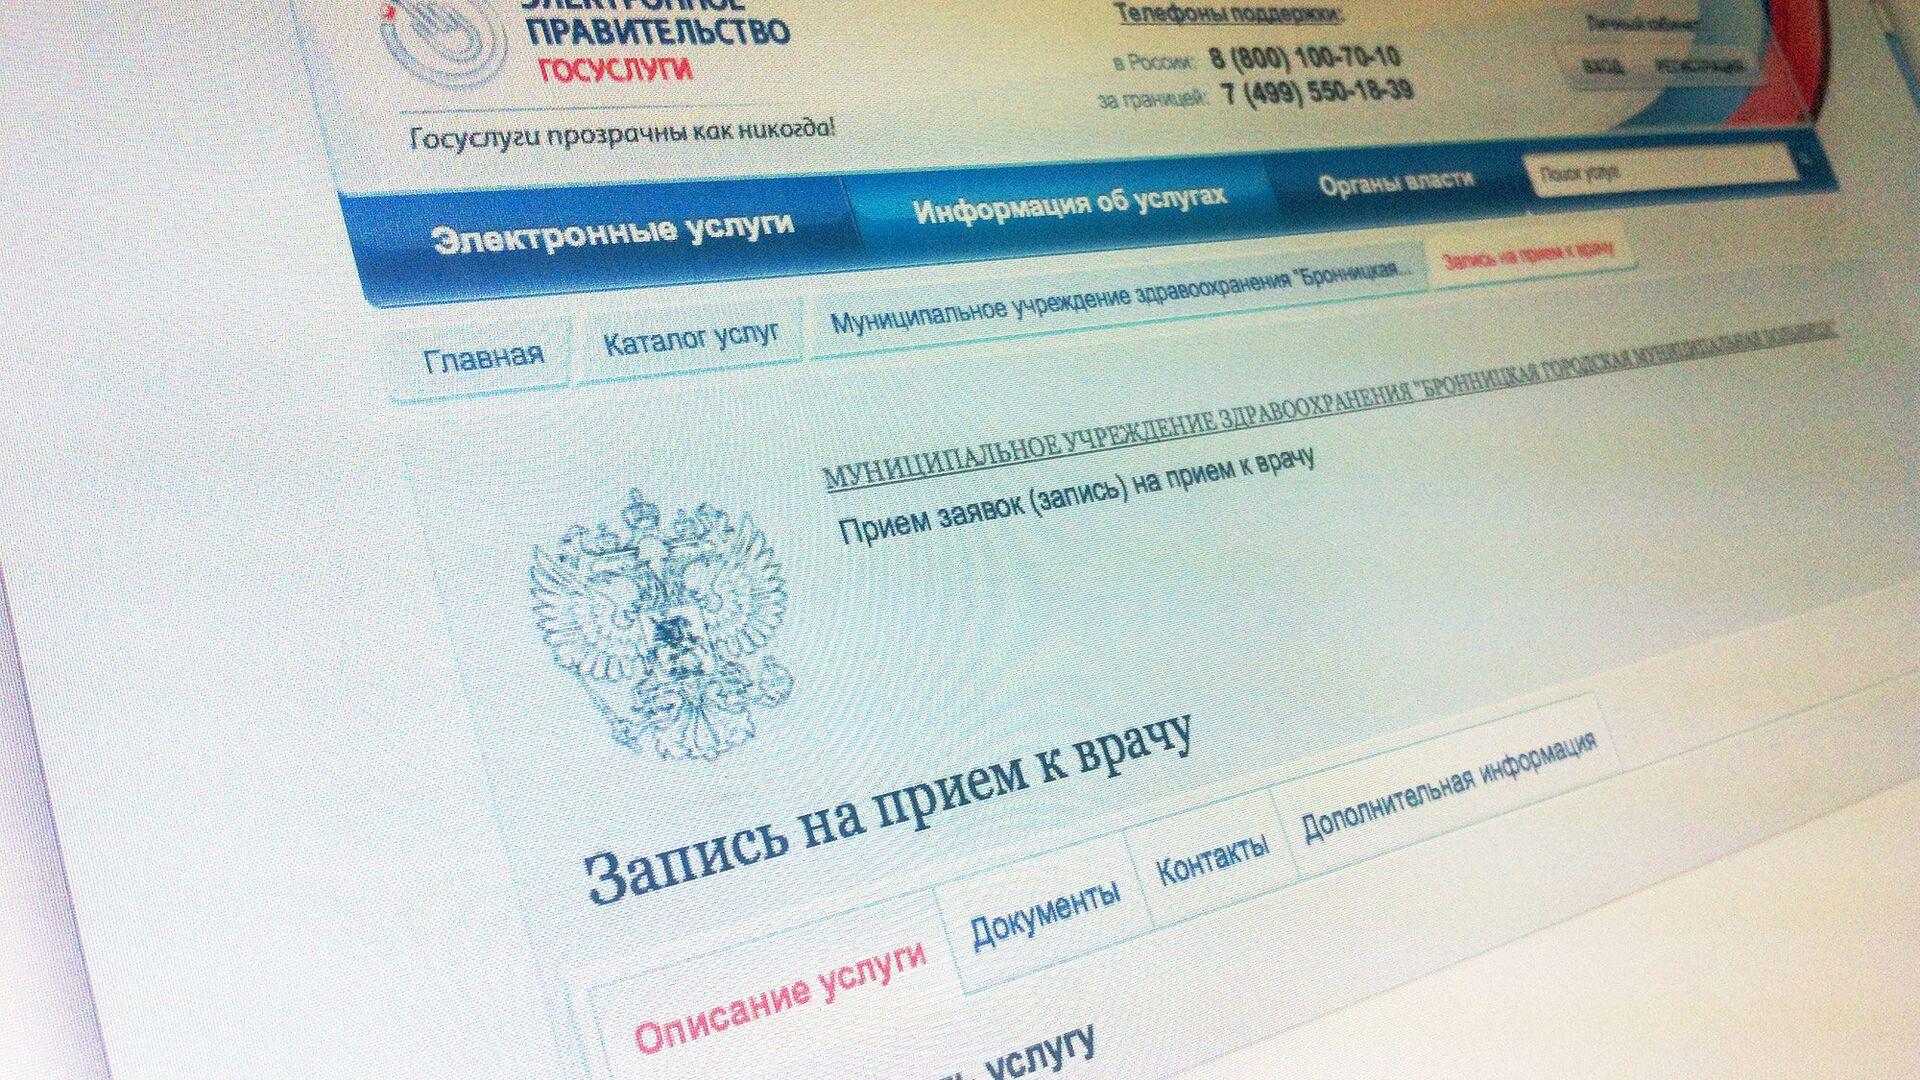 На Едином портале госуслуг заработала электронная запись к врачу - РИА Новости, 1920, 04.08.2021